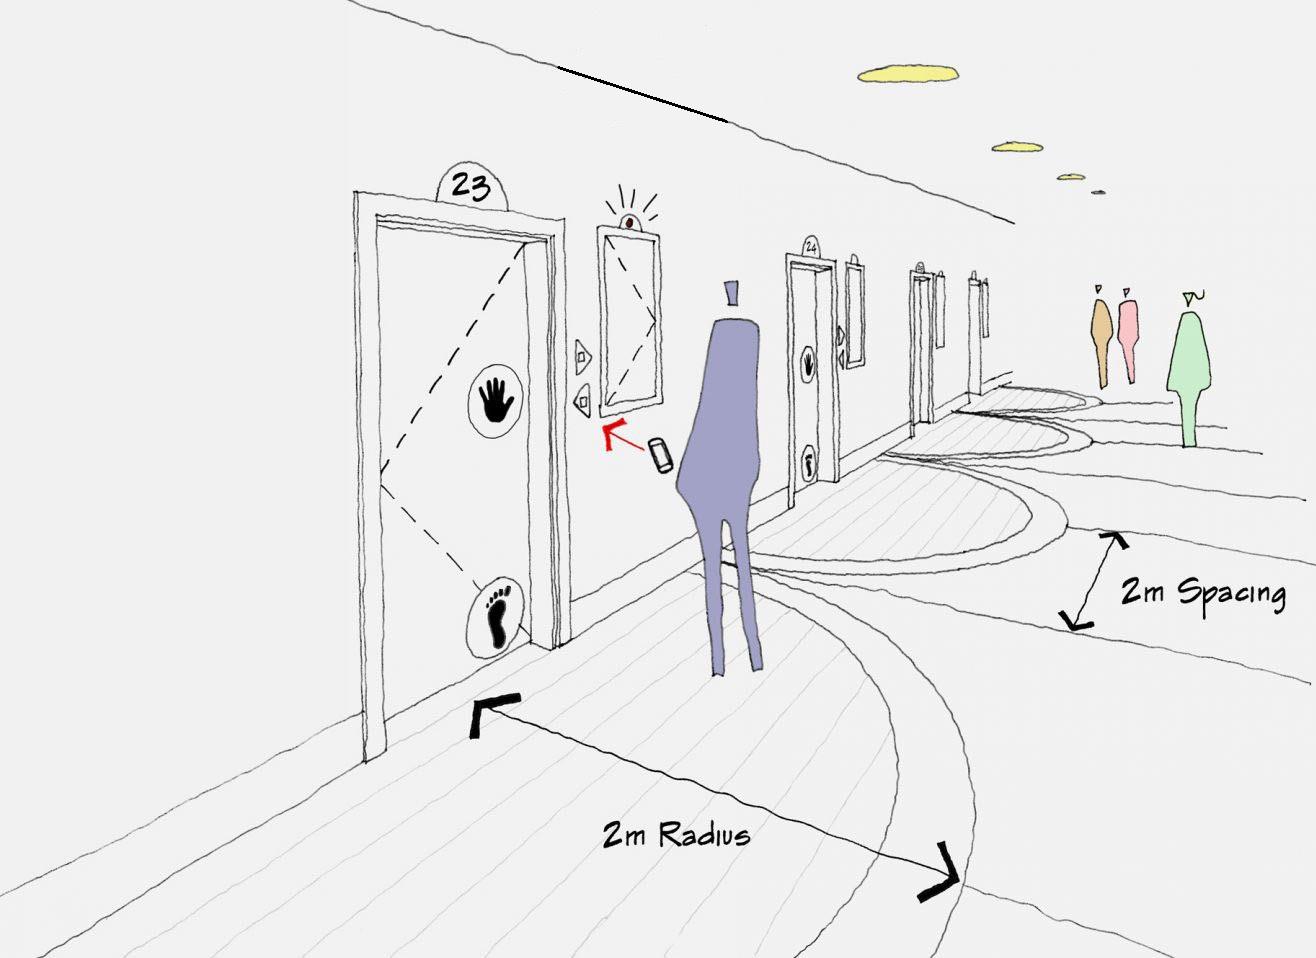 آینده معماری  در دنیای پس از COVID-19 چگونه است؟